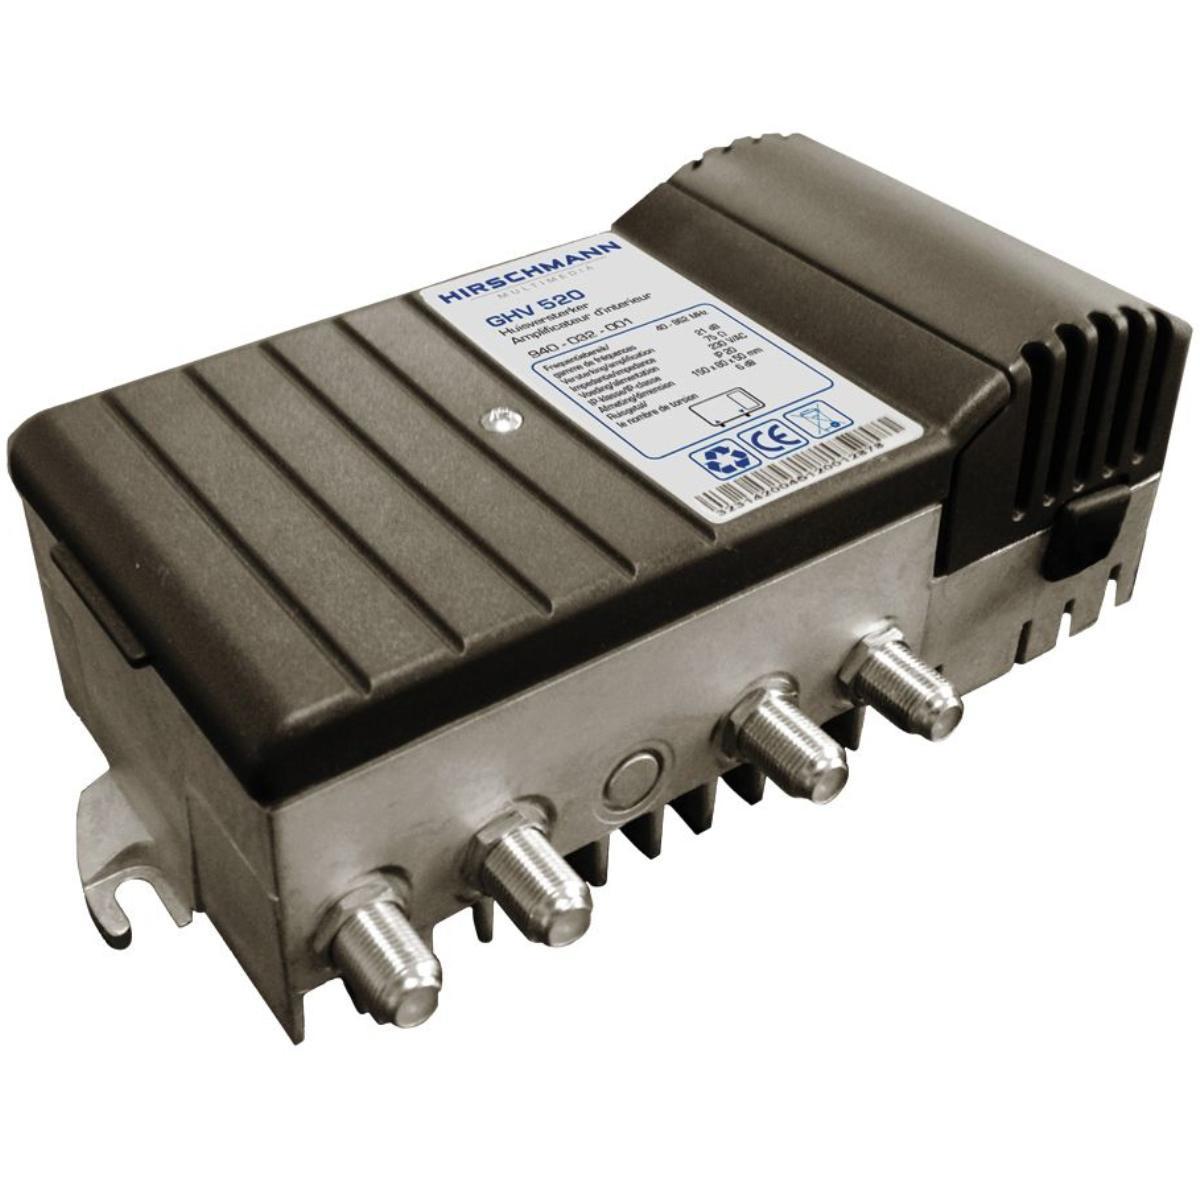 Antenne versterker - Professioneel - 1 uitgang Versterking: 21 dB